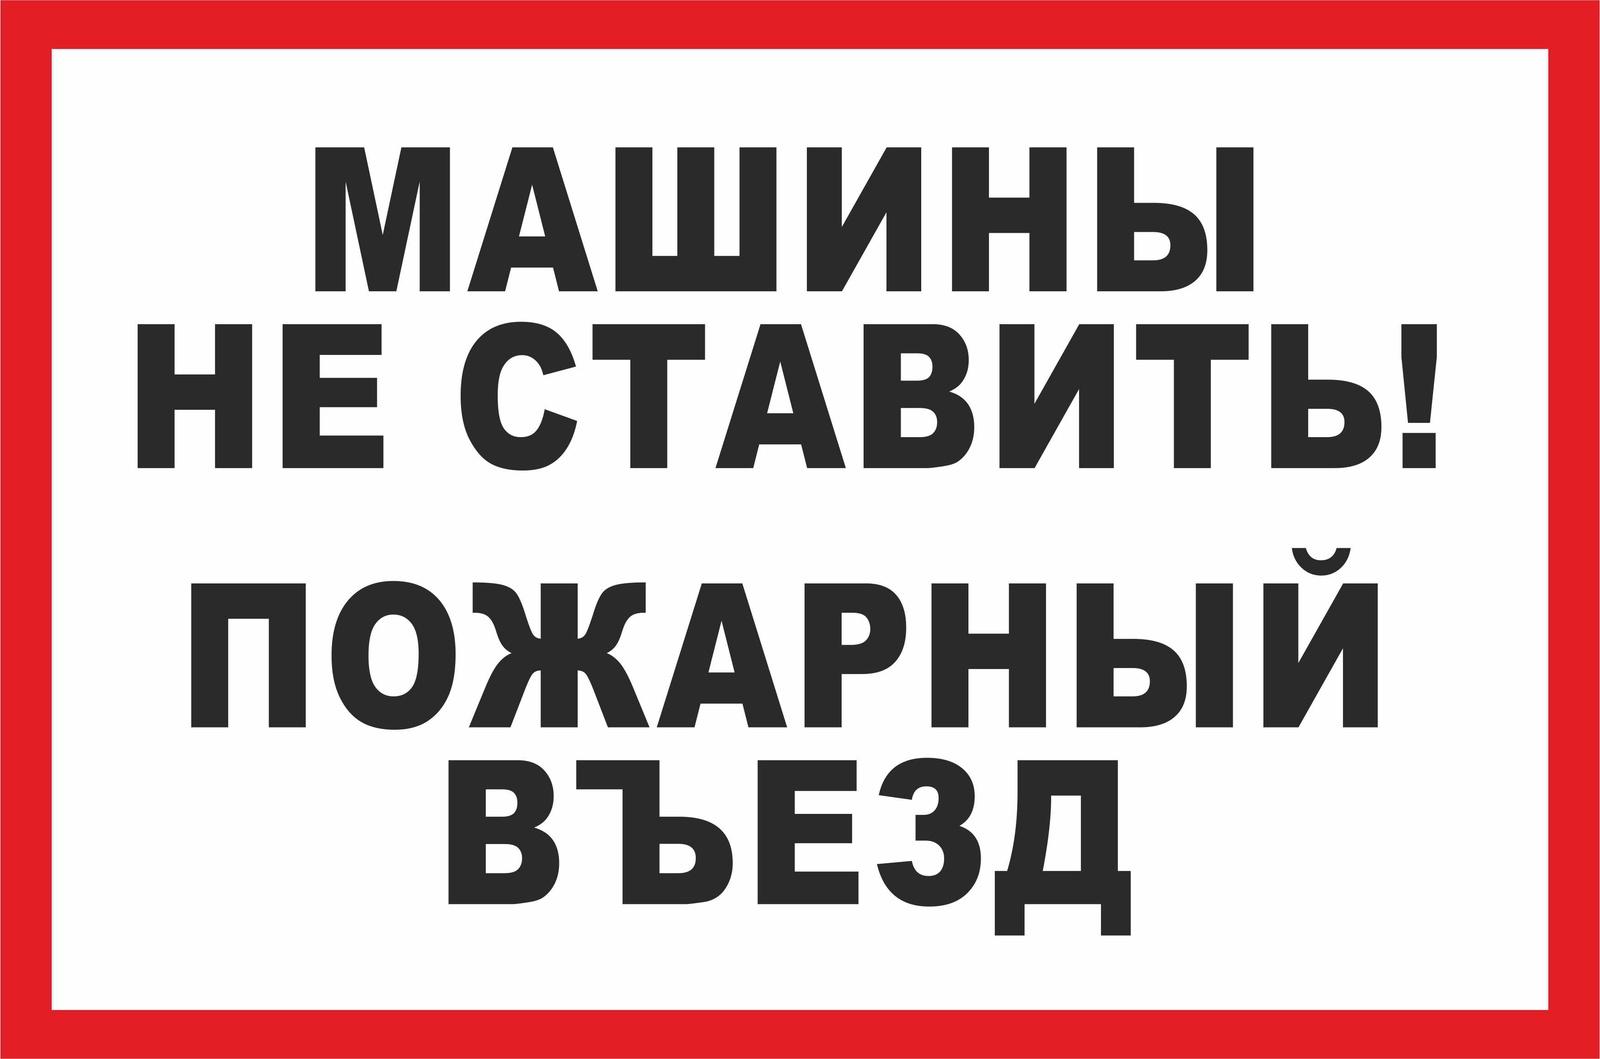 Табличка Mashinokom Машины не ставить №3 TPS 029, белый, красный, 30*19,5 см табличка mashinokom моя территория tpo 006